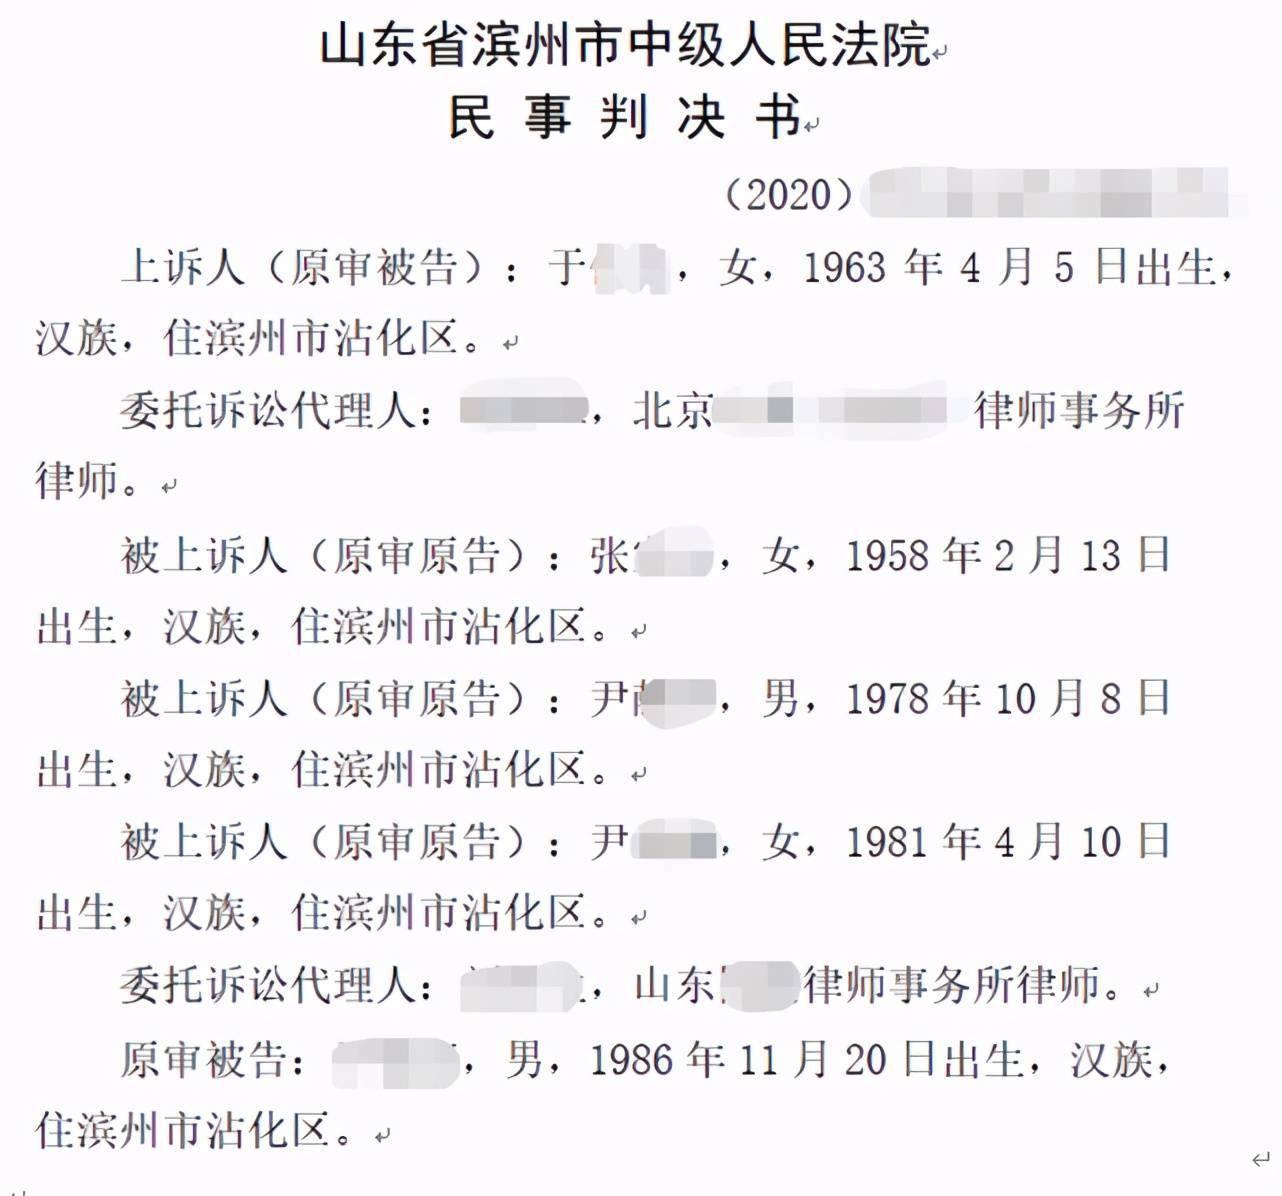 被控猥亵幼女,67岁男子喝农药自杀,证明自己无罪!儿子把对方告上了法庭